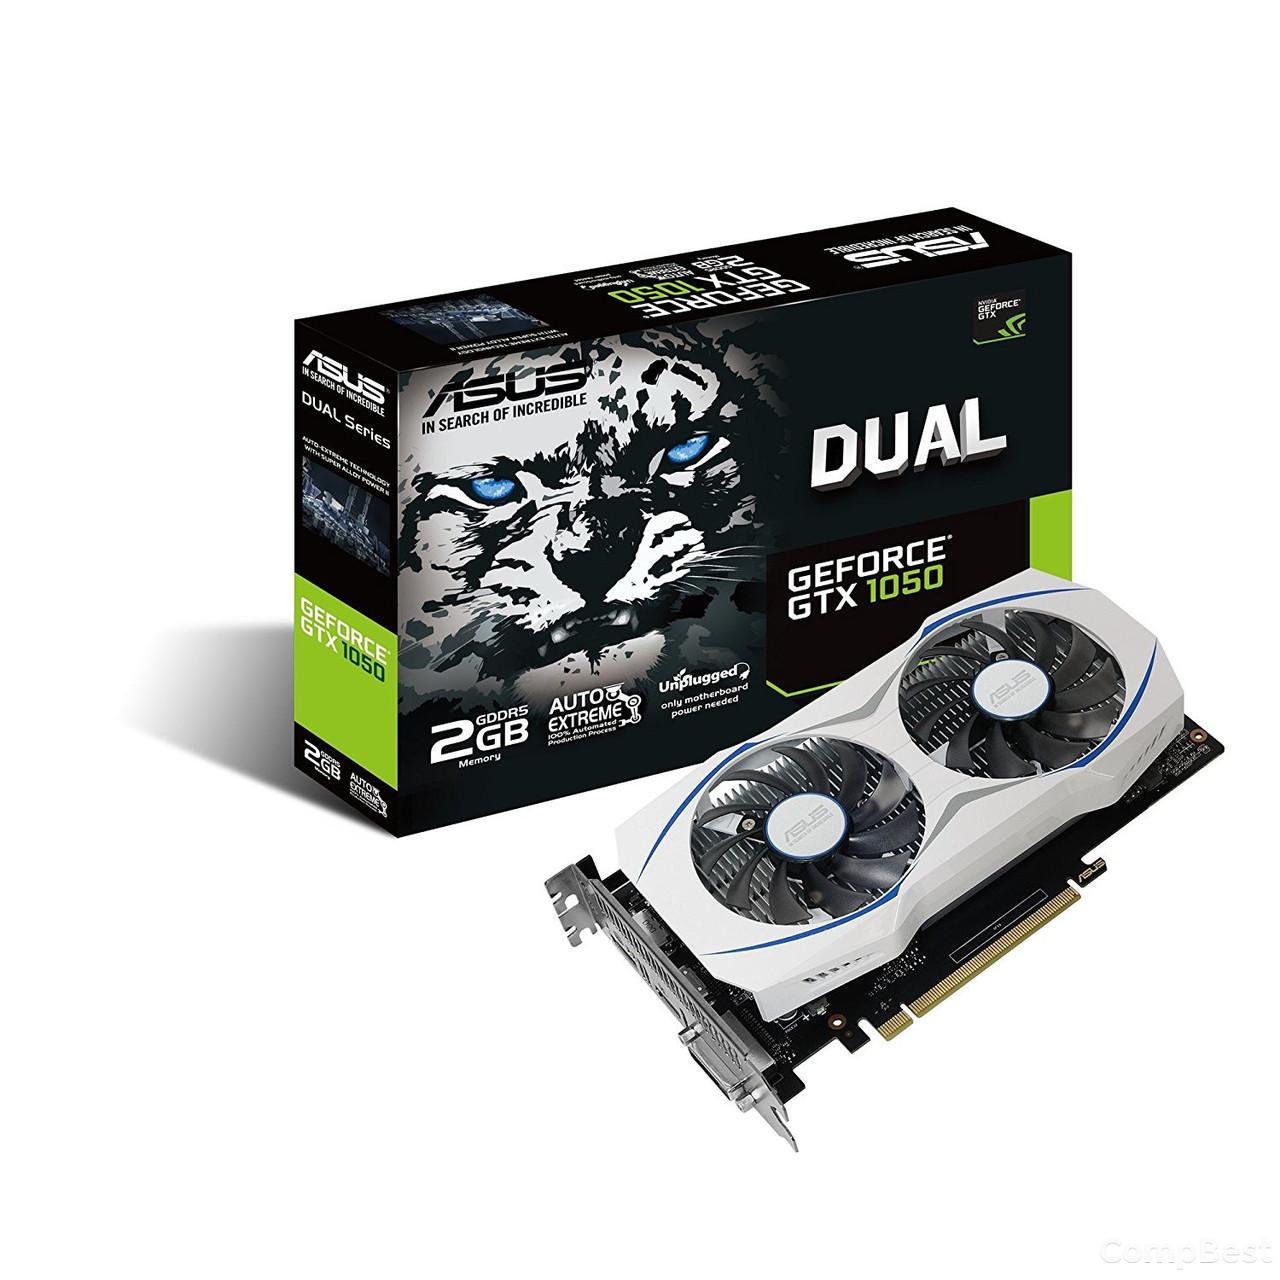 Дискретная видеокарта nVidia GeForce GTX 1050 2GB GDDR5